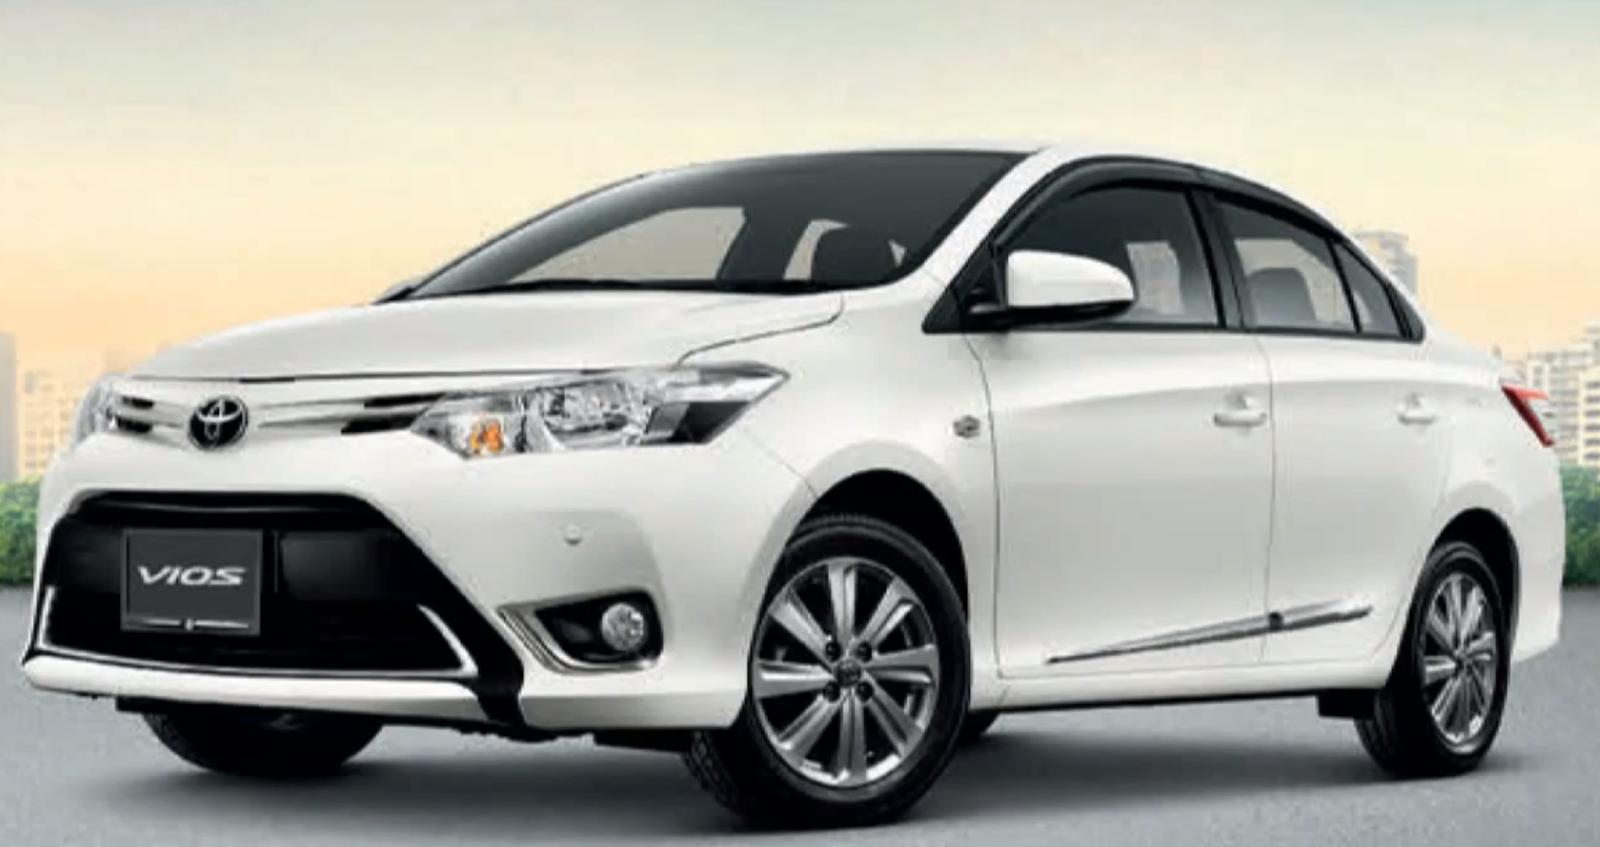 Harga Toyota Yaris Trd Bekas Kekurangan Grand New Avanza Tipe E Daftar Mobil Vios Baru Dan Terbaru 2017